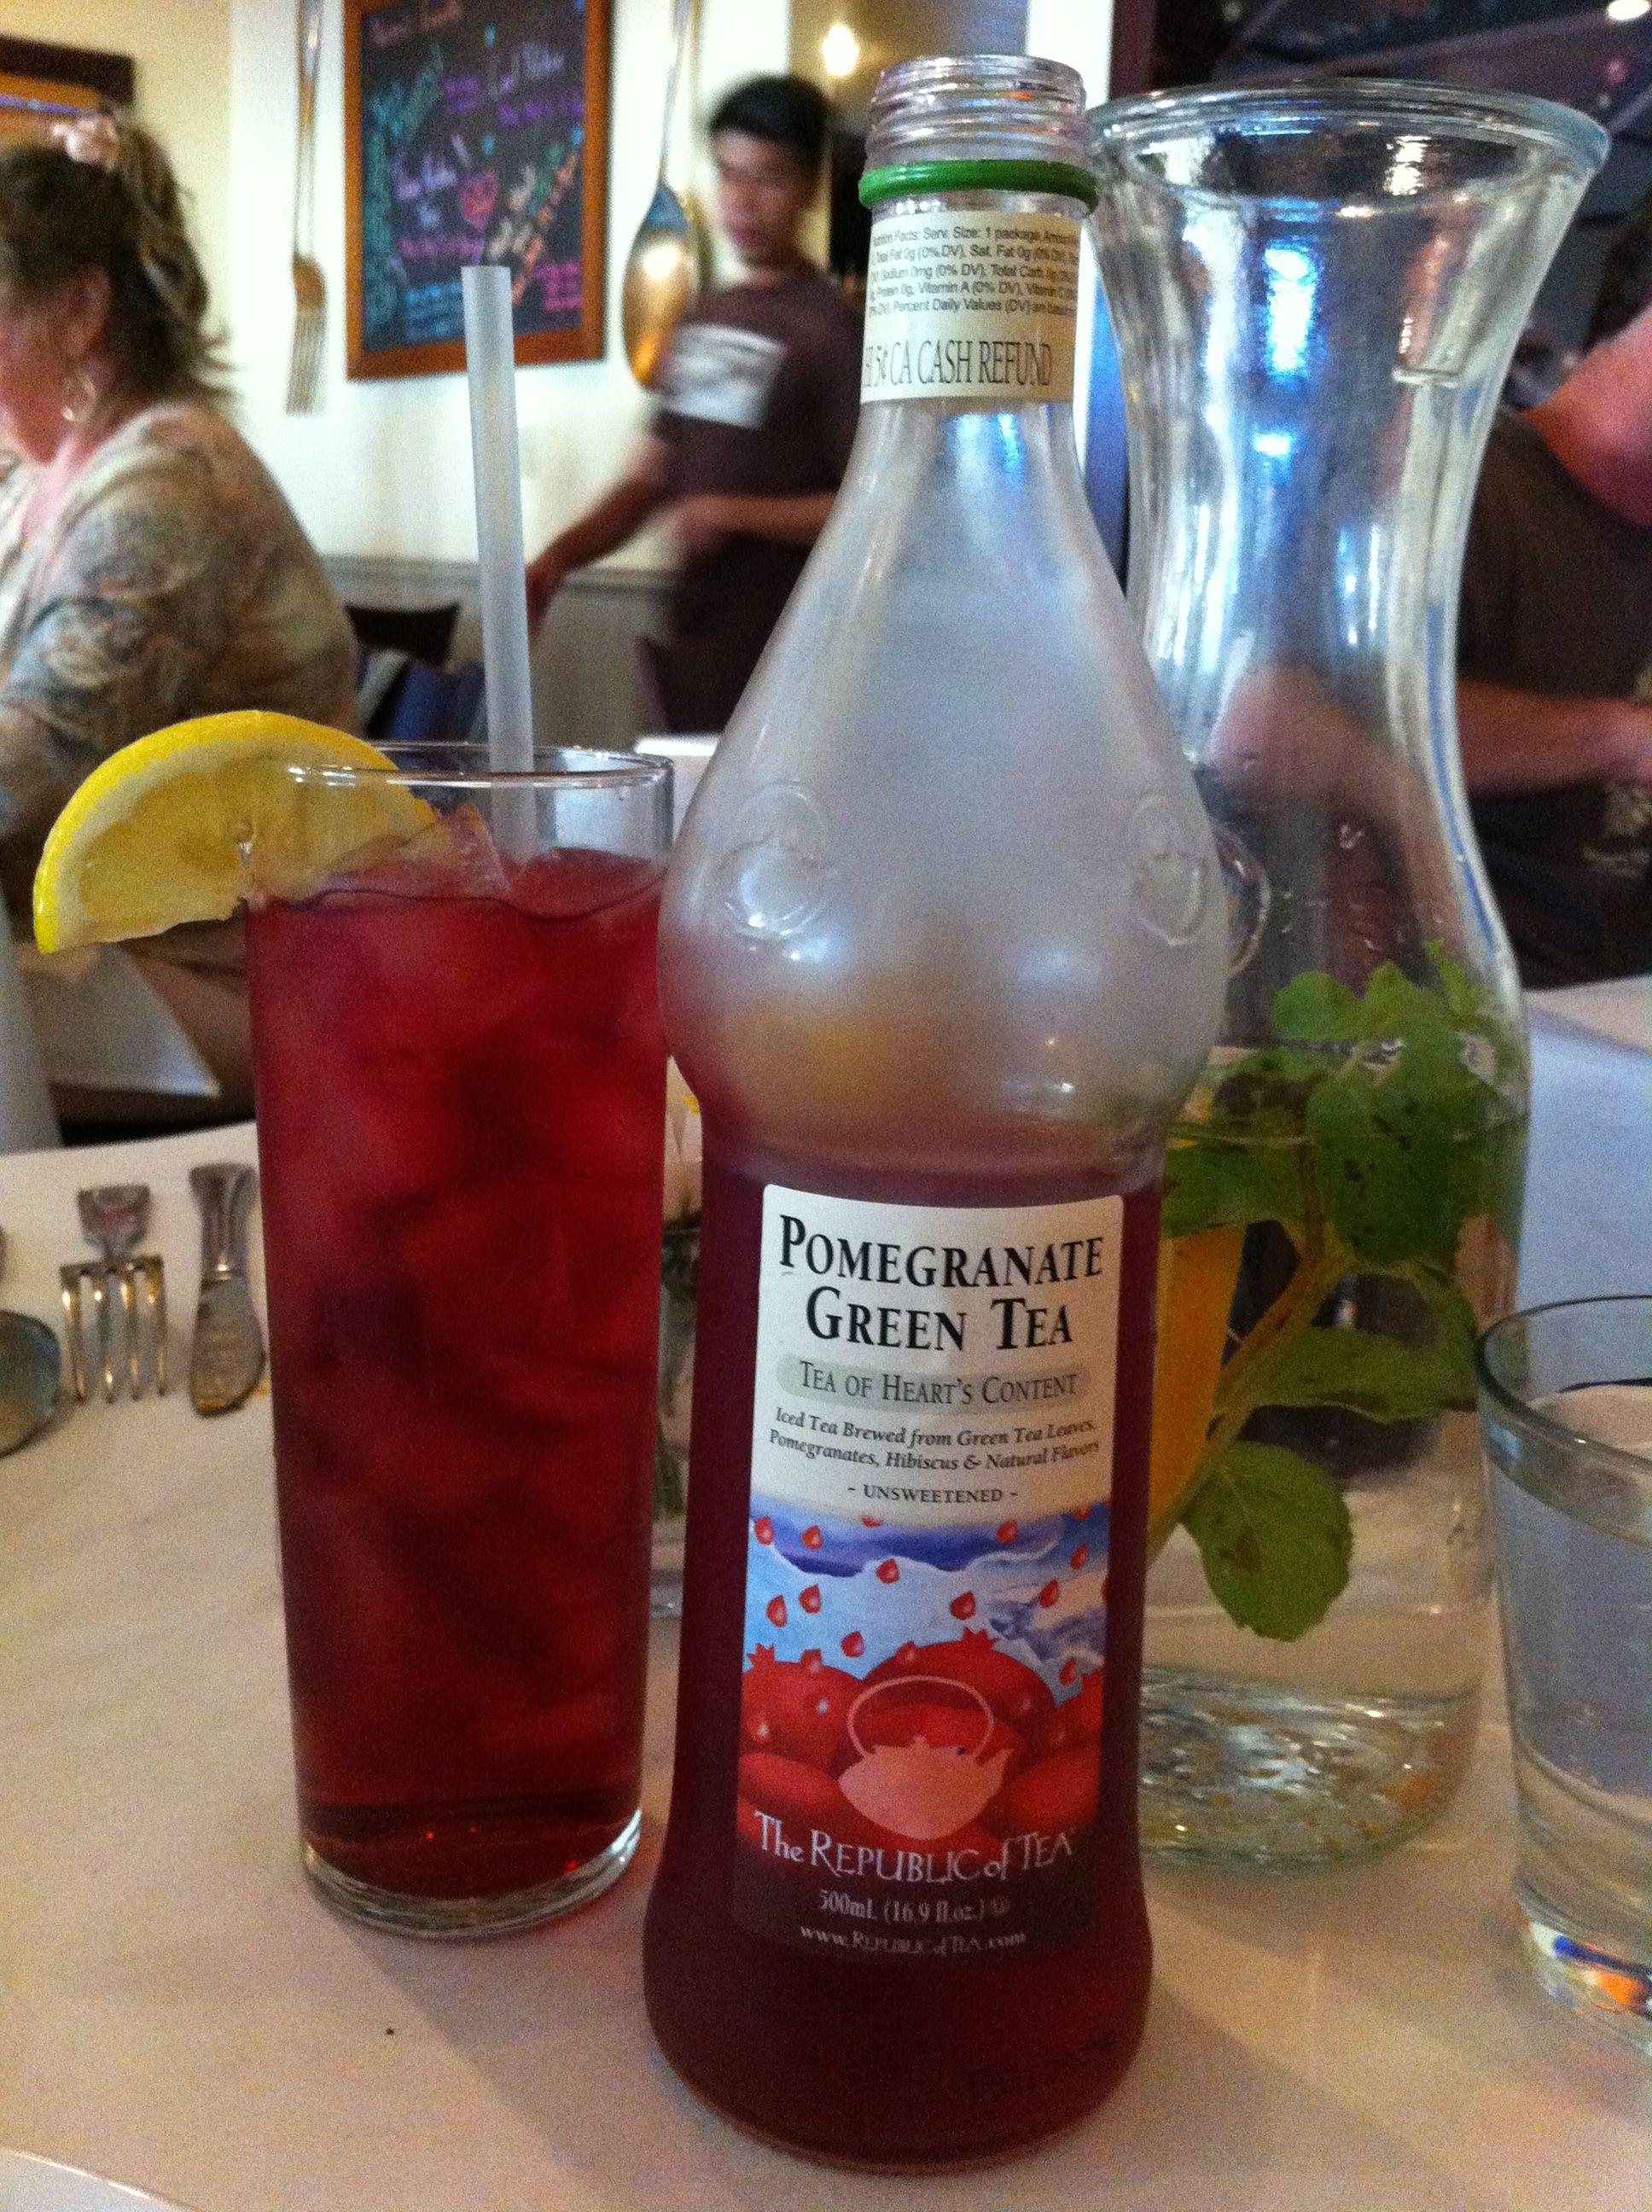 Pomegranate Green Tea From Nonni S Bistro Pomegranate Green Tea Pomegranate Green Tea